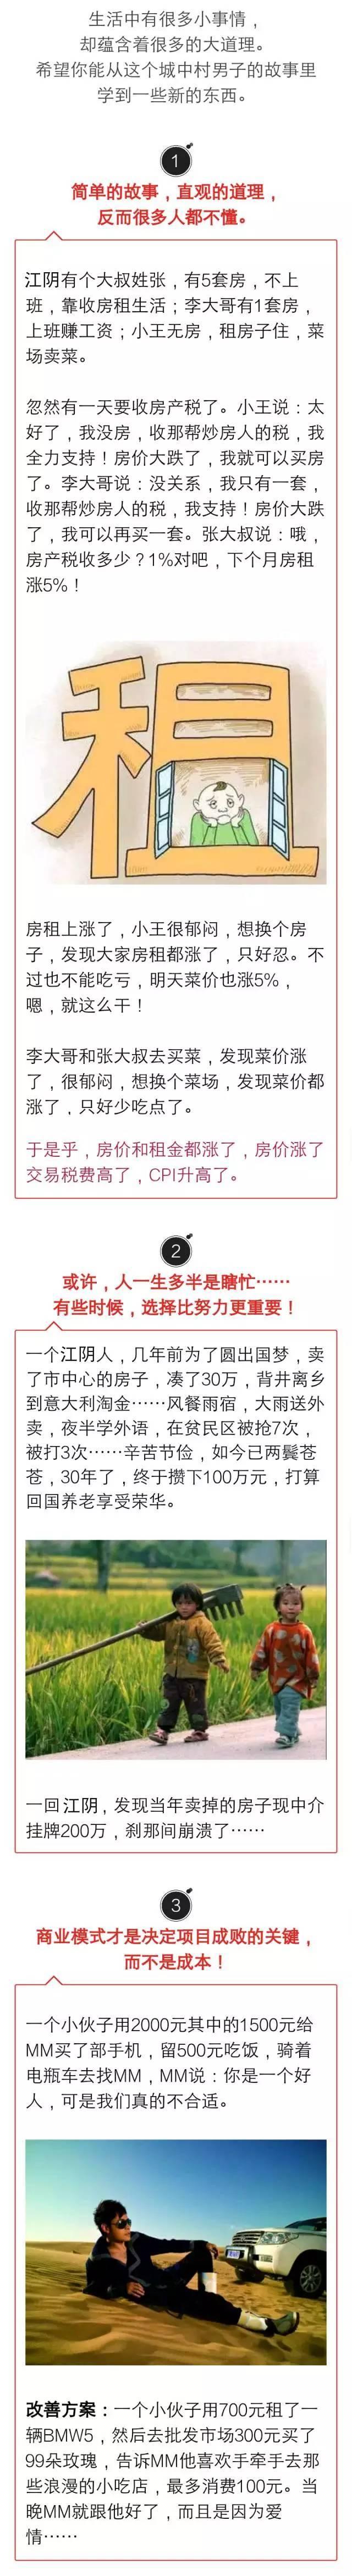 江阴一男子有5套房,不上班靠租